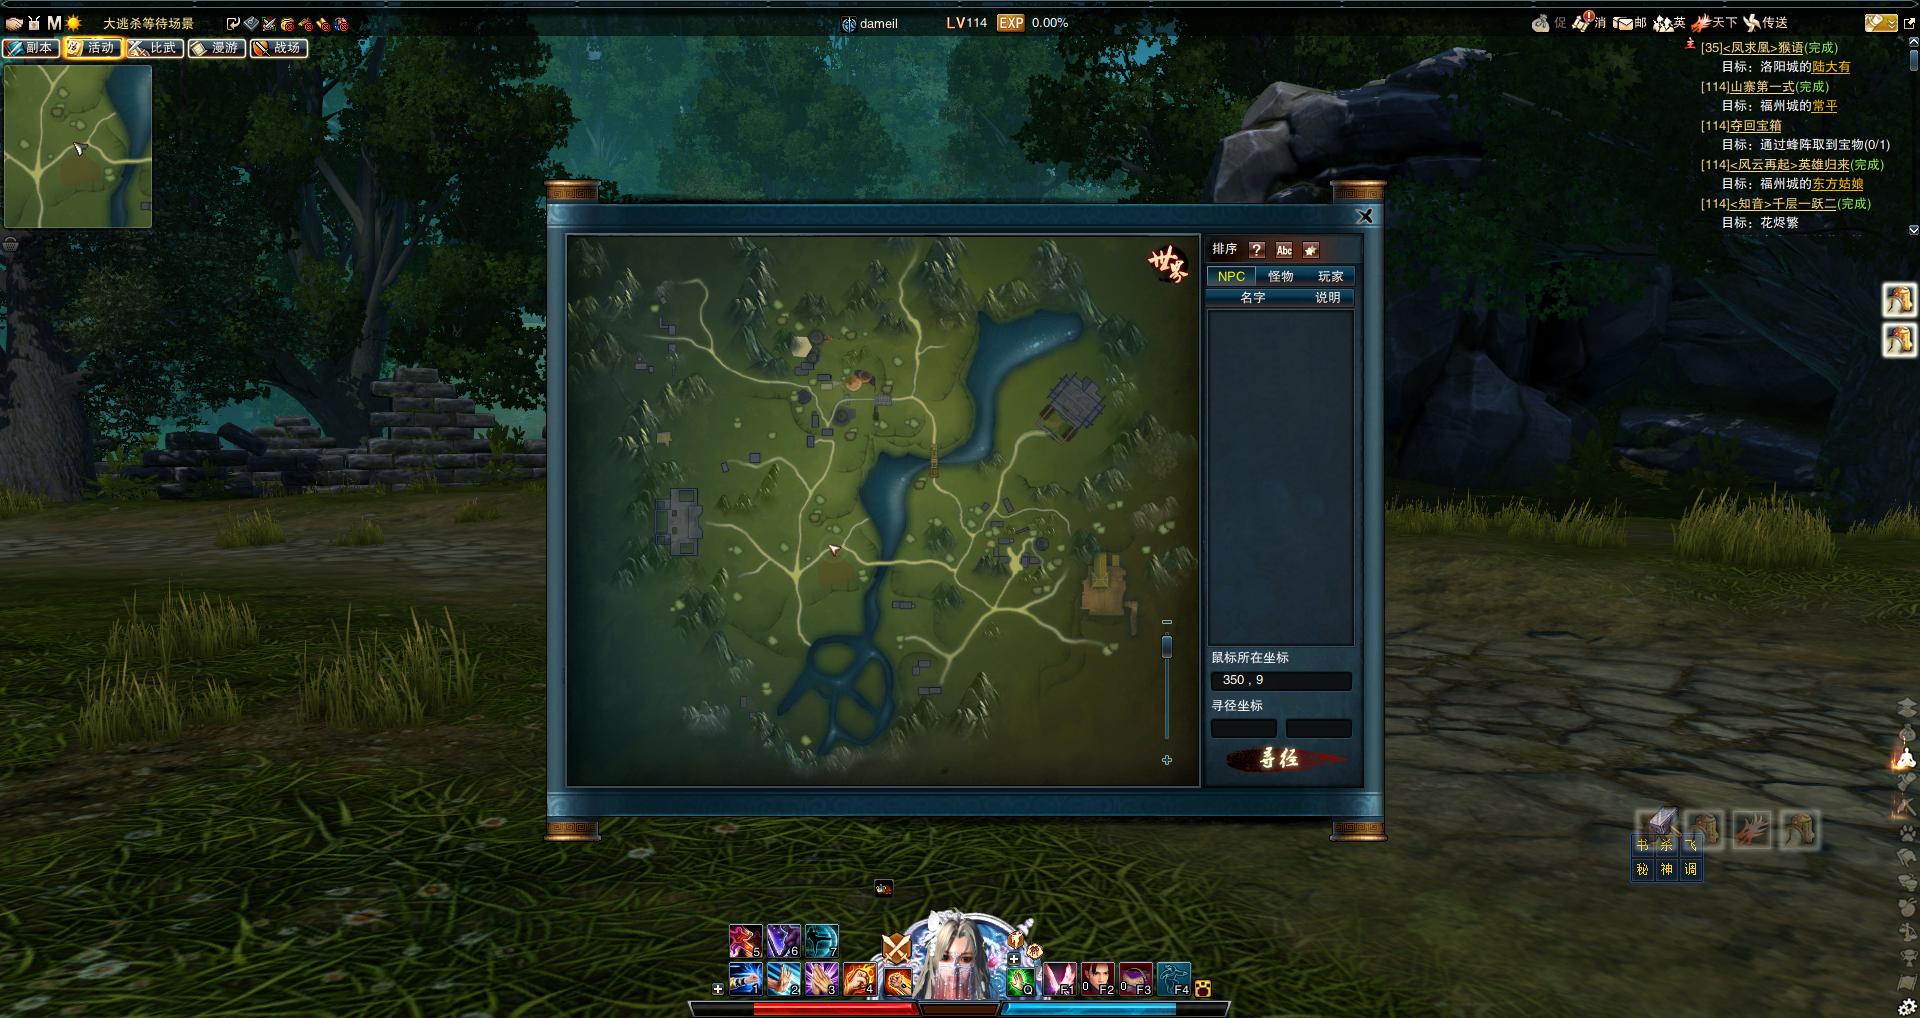 《笑傲江湖》游戲截圖:大地圖